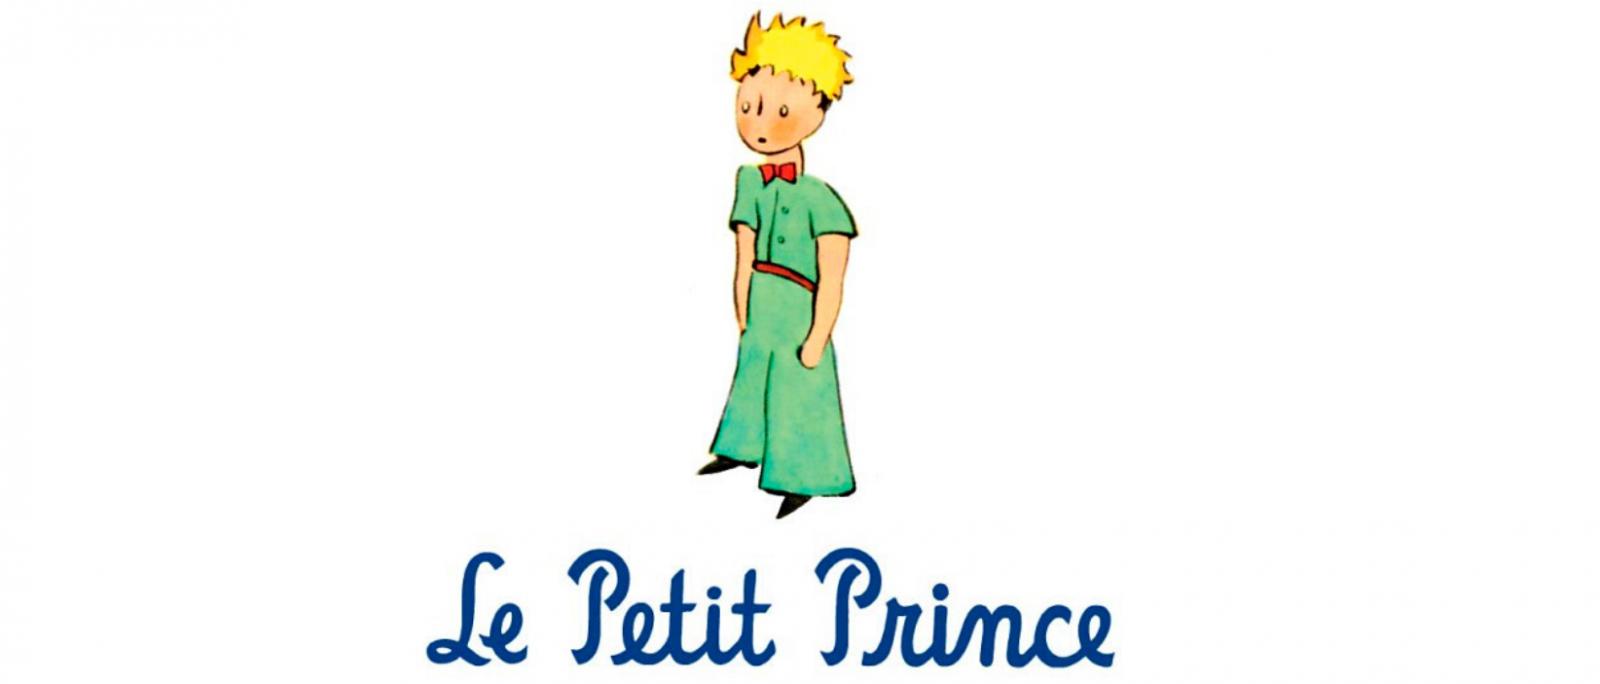 Le Petit Prince / The Little Prince